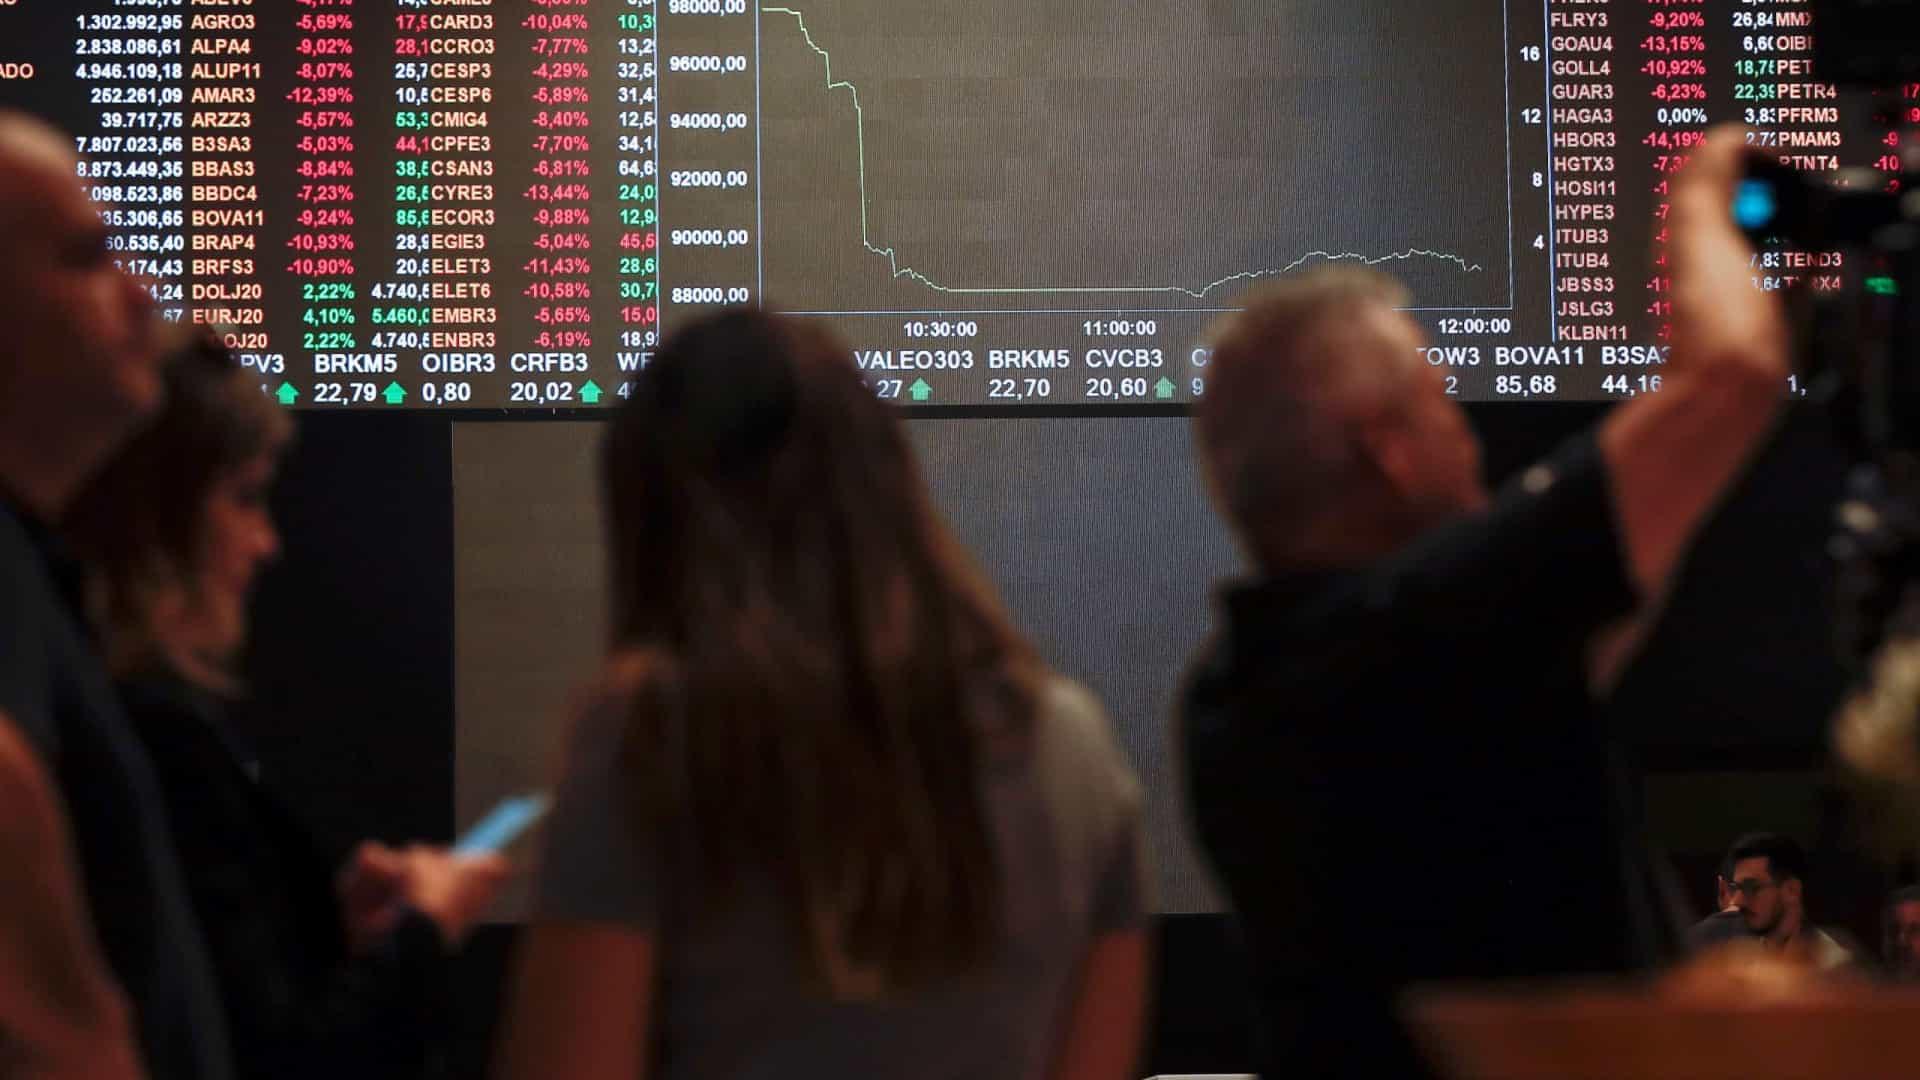 bolsa - Nova onda de covid e dívida pública derrubam Bolsa e alimentam dólar e ouro